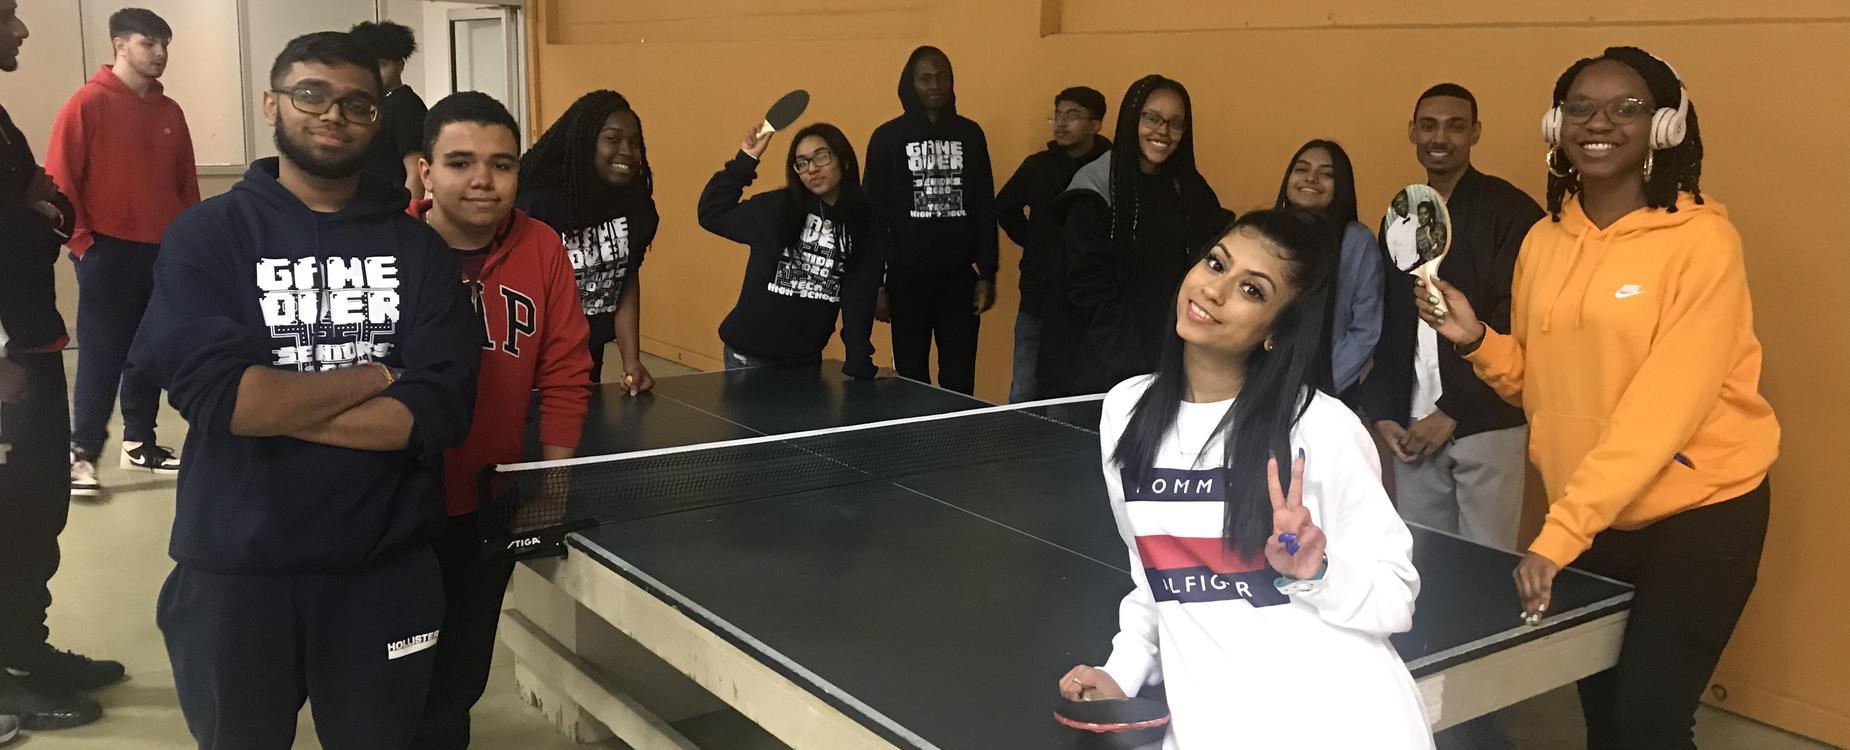 2020 Yeca Seniors playing Ping Pong